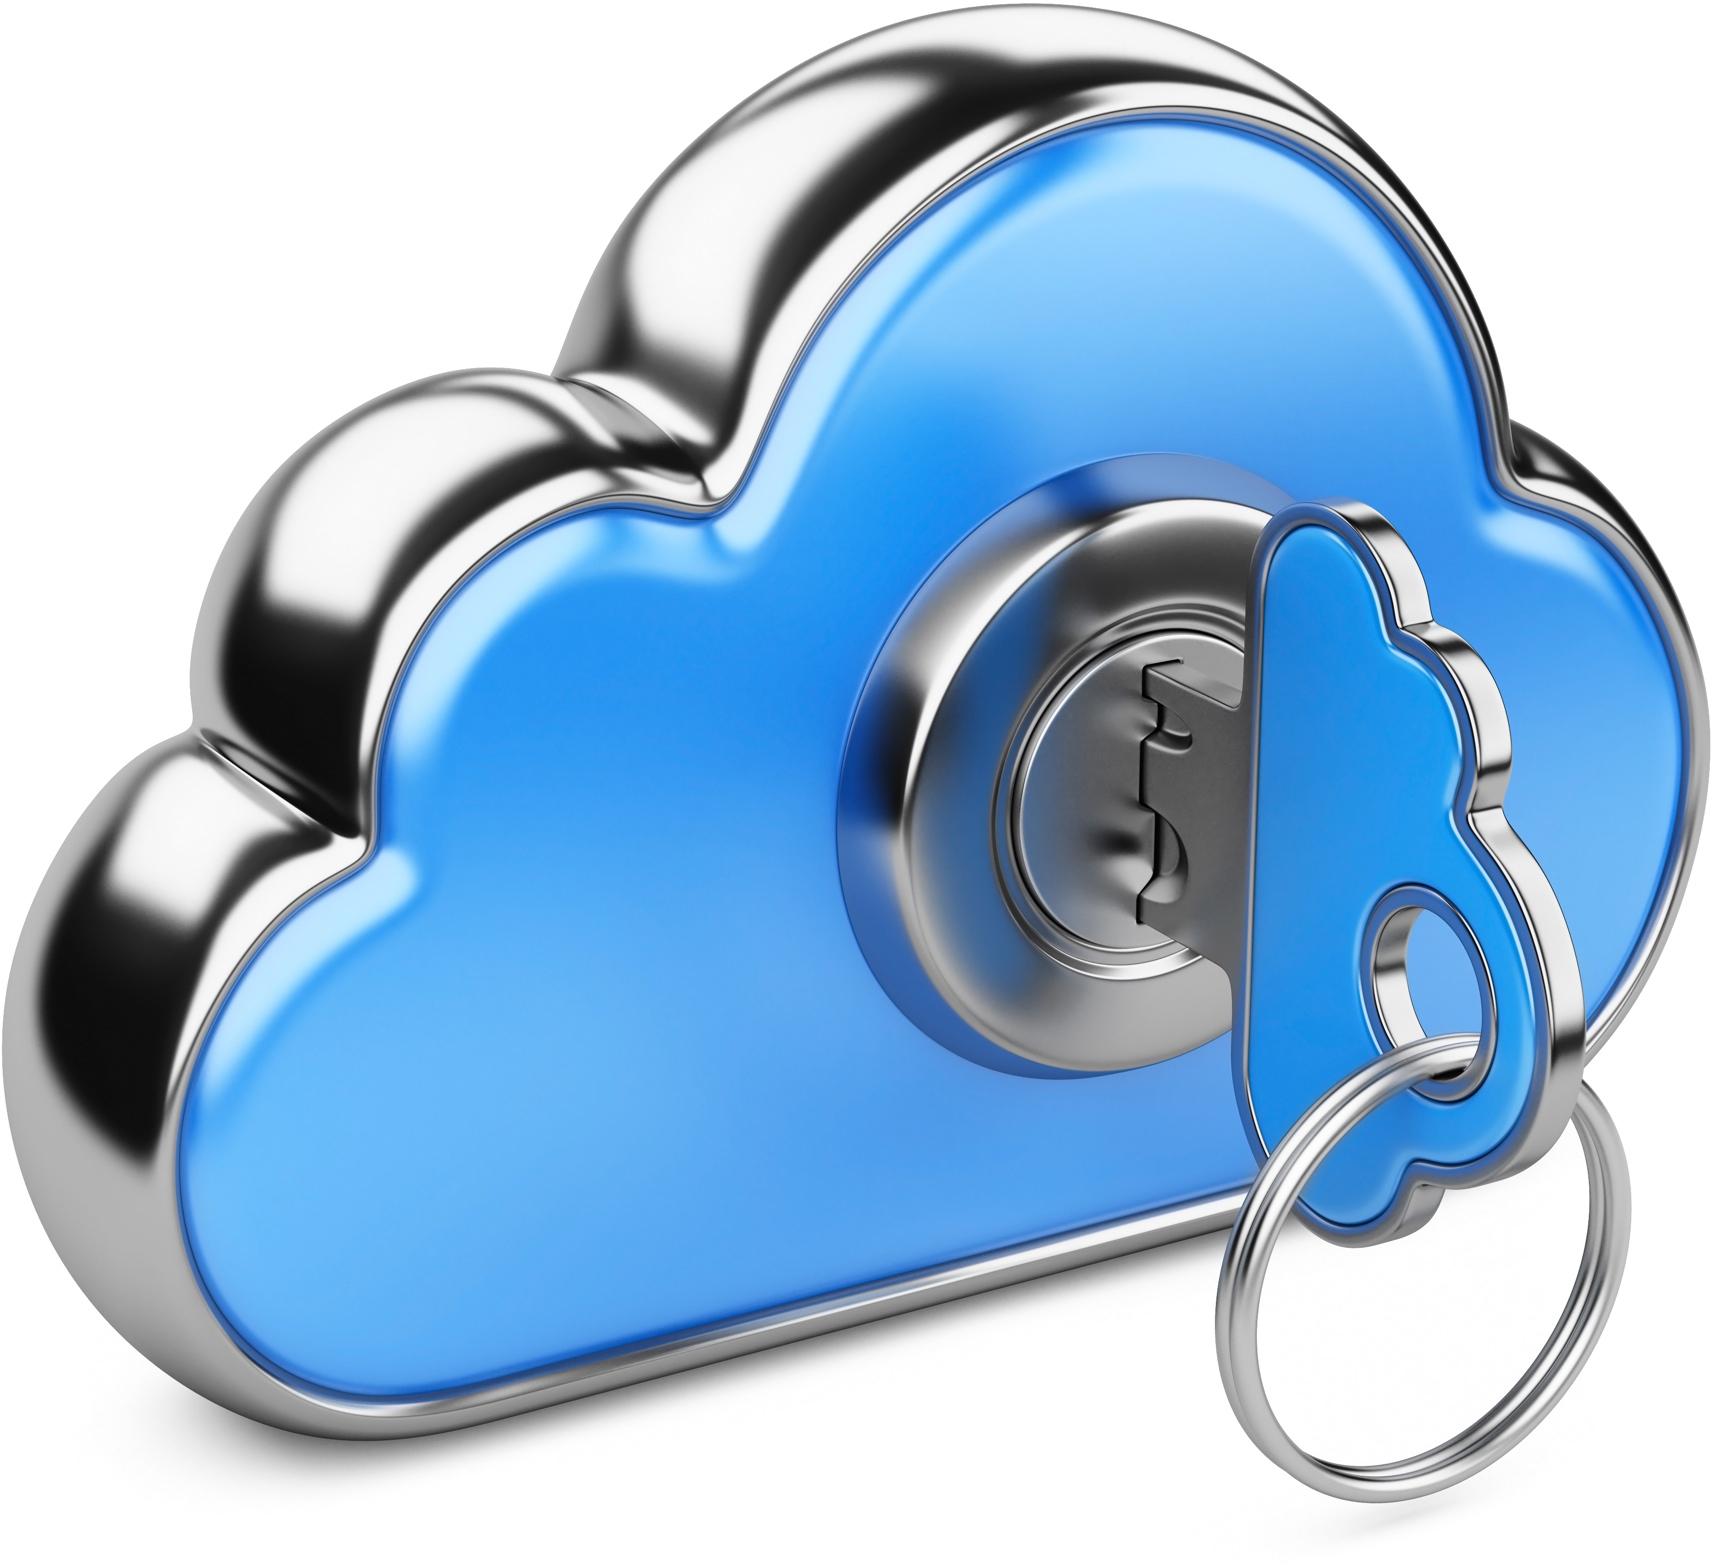 Segurança na nuvem